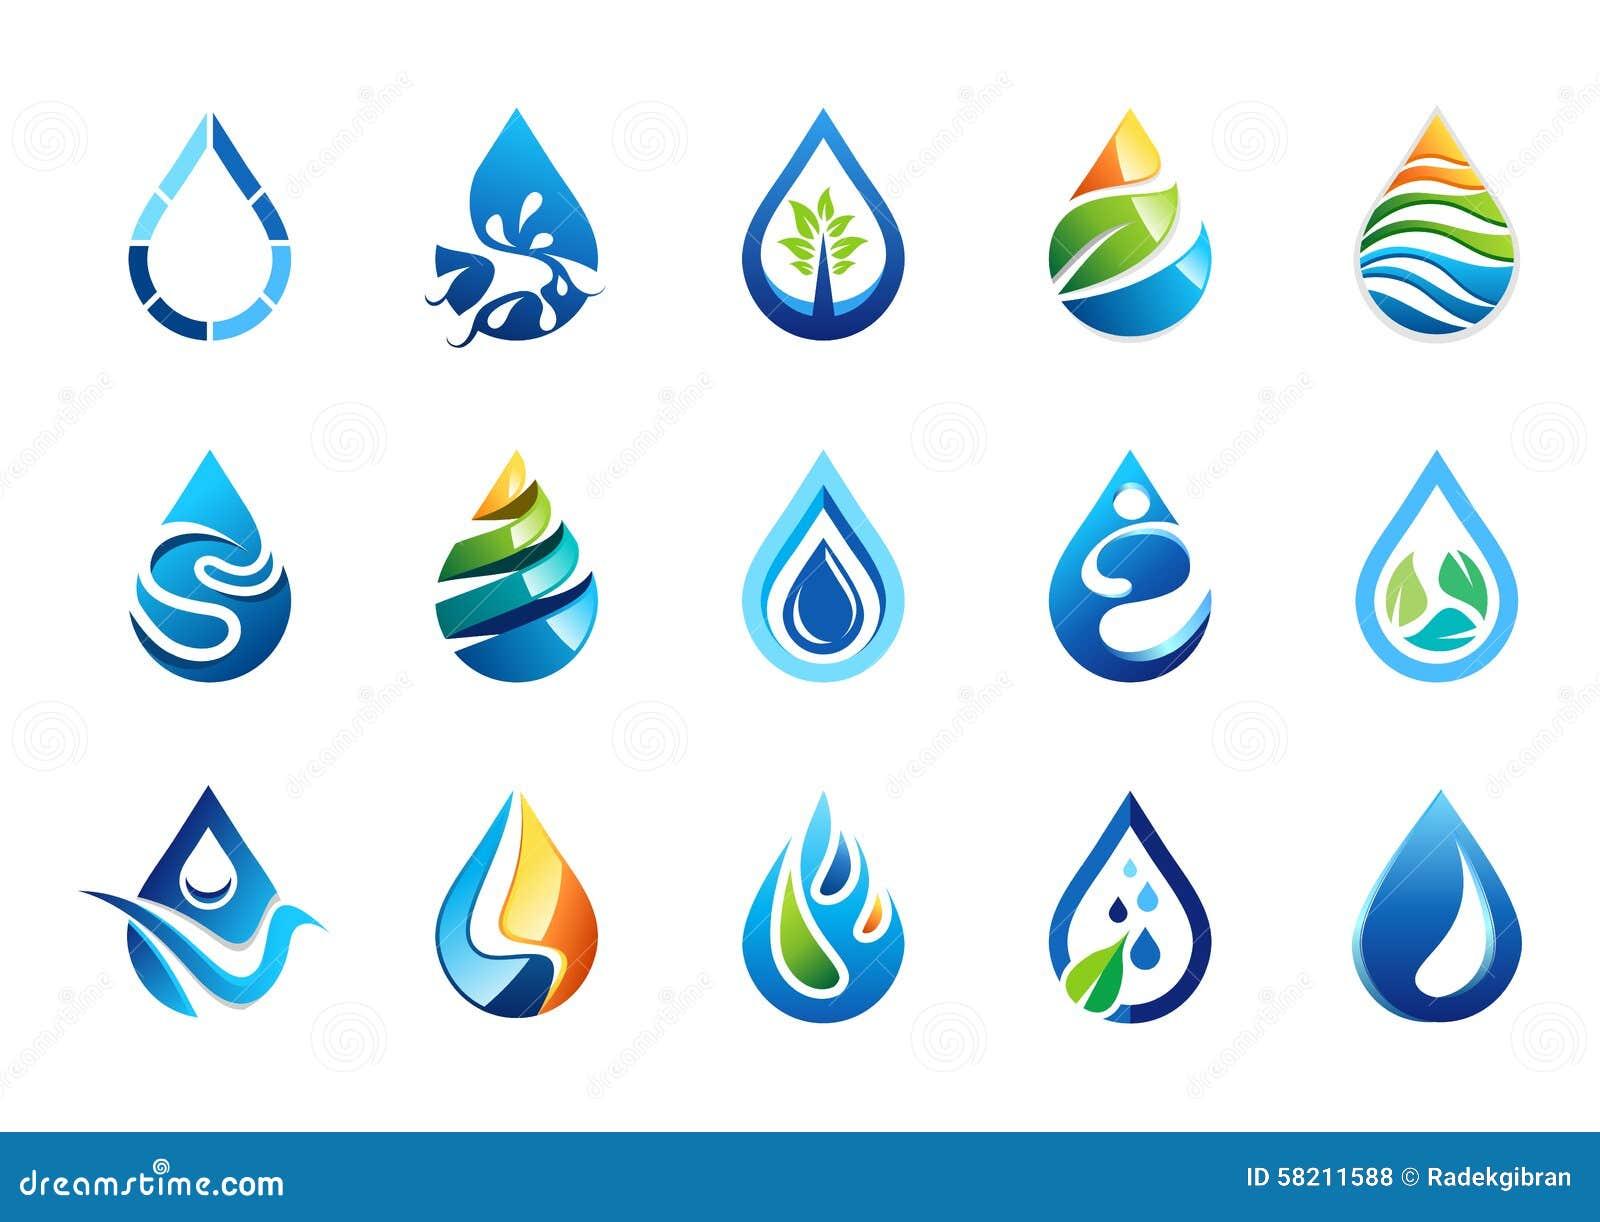 Намочите падения логотип, комплект значка символа падений воды, дизайна вектора элементов падений природы